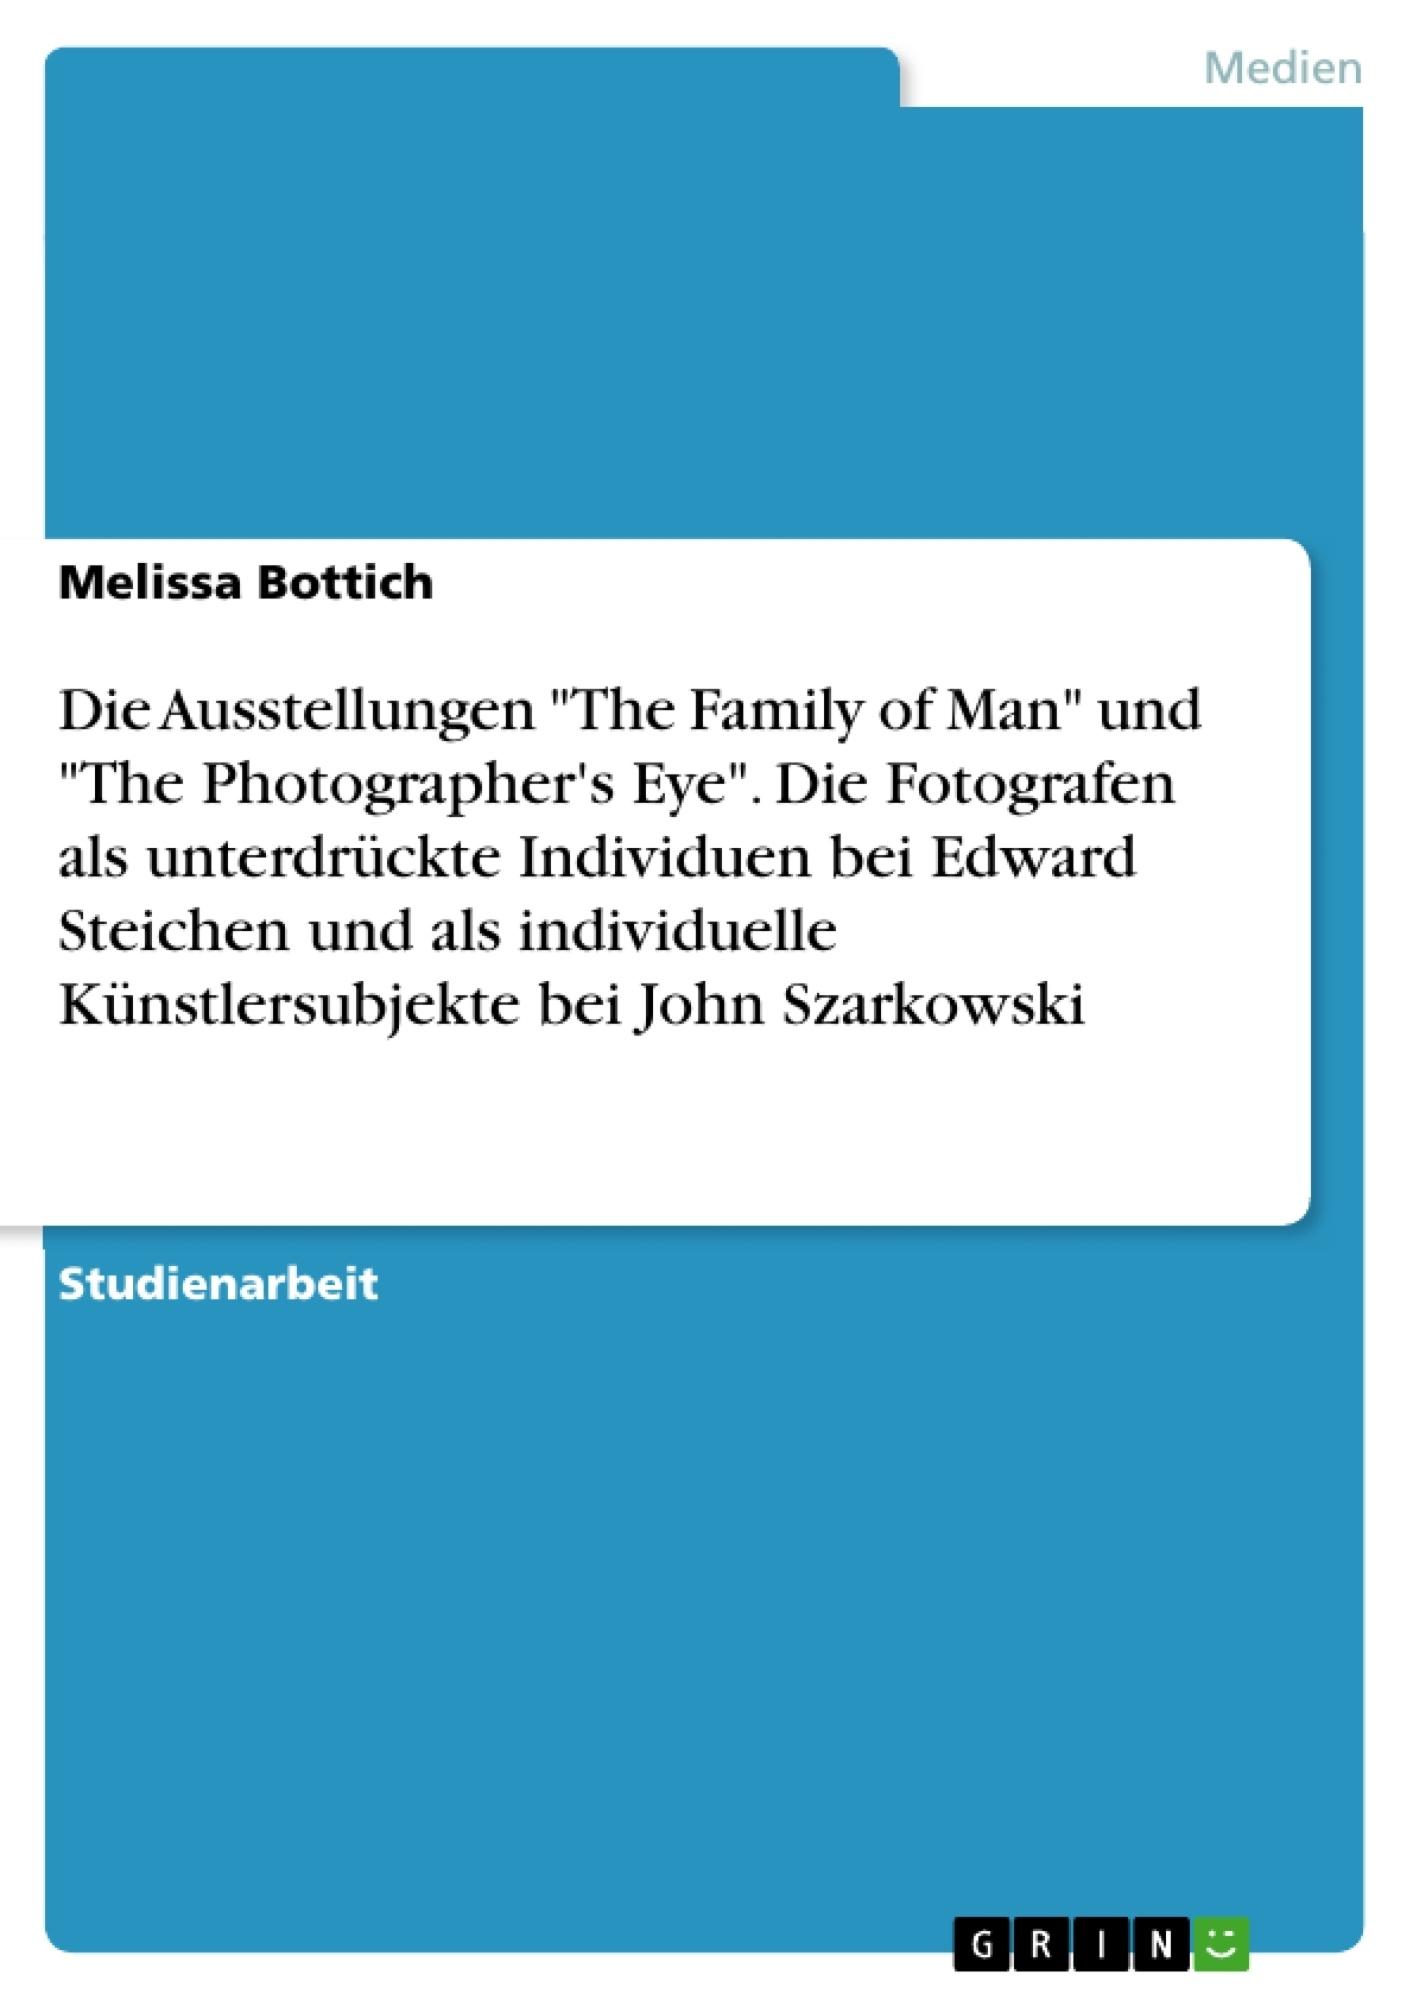 """Titel: Die Ausstellungen """"The Family of Man"""" und """"The Photographer's Eye"""". Die Fotografen als unterdrückte Individuen bei Edward Steichen und als individuelle Künstlersubjekte bei John Szarkowski"""